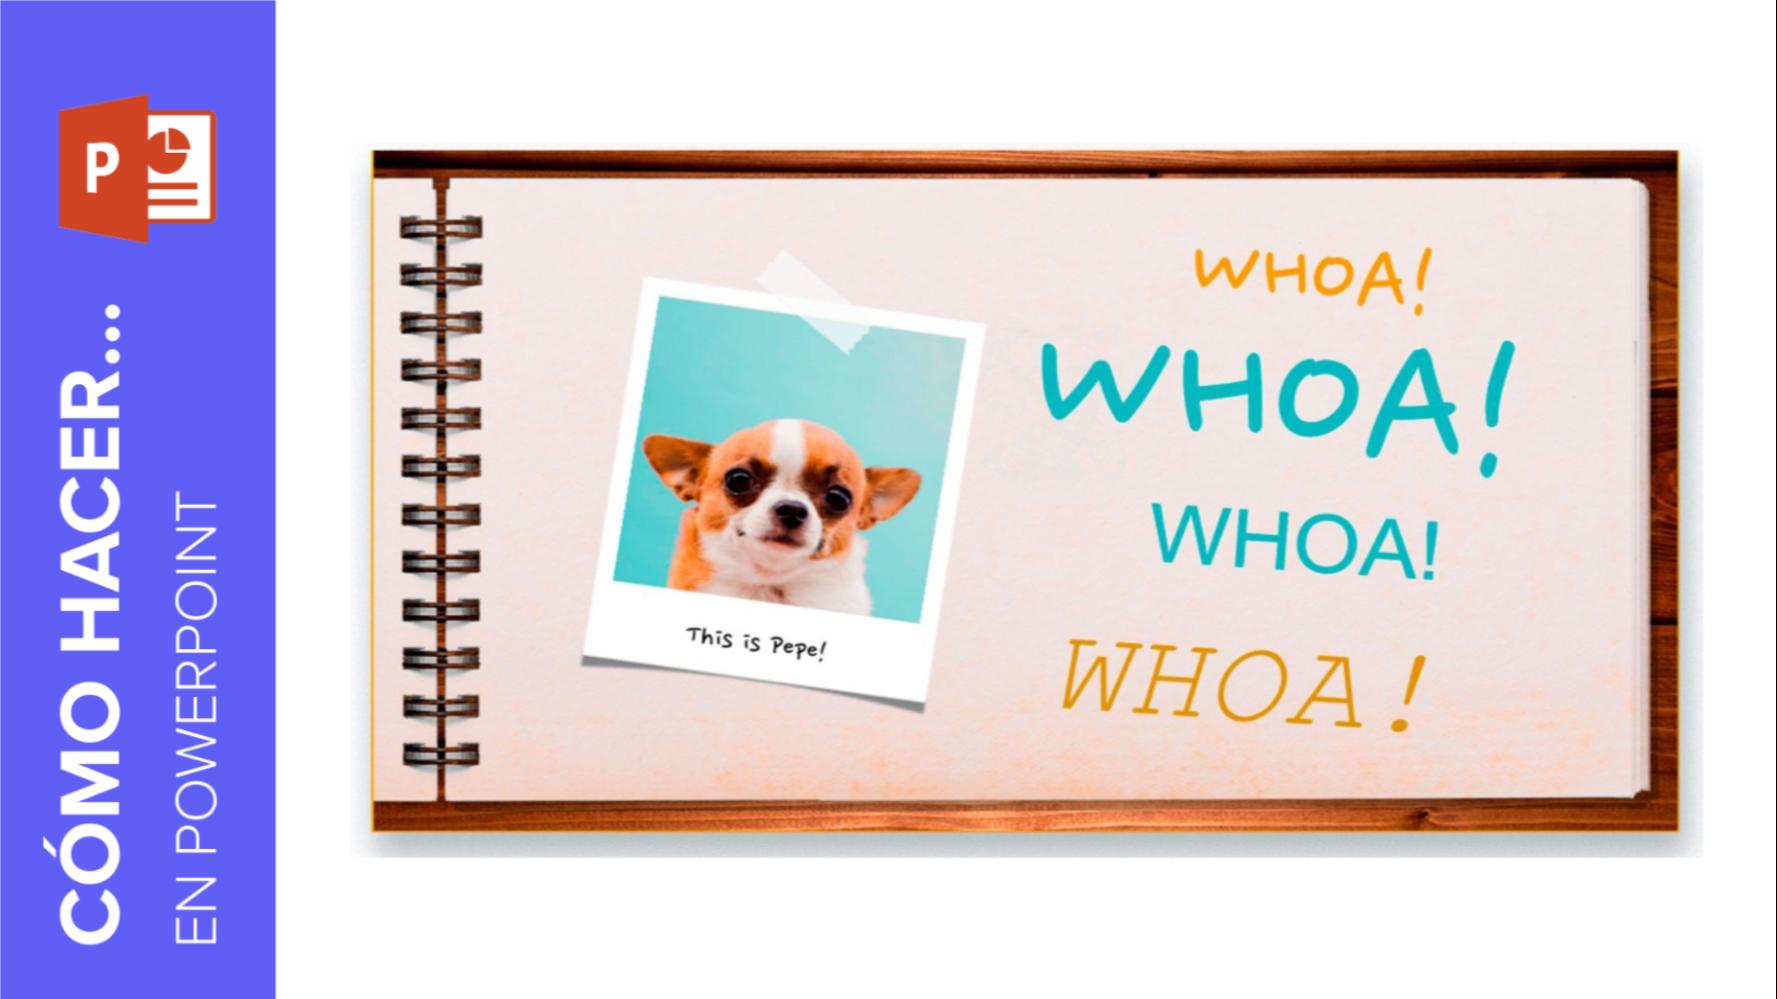 Cómo aplicar formato al texto en PowerPoint | Tutoriales y Tips para tus presentaciones